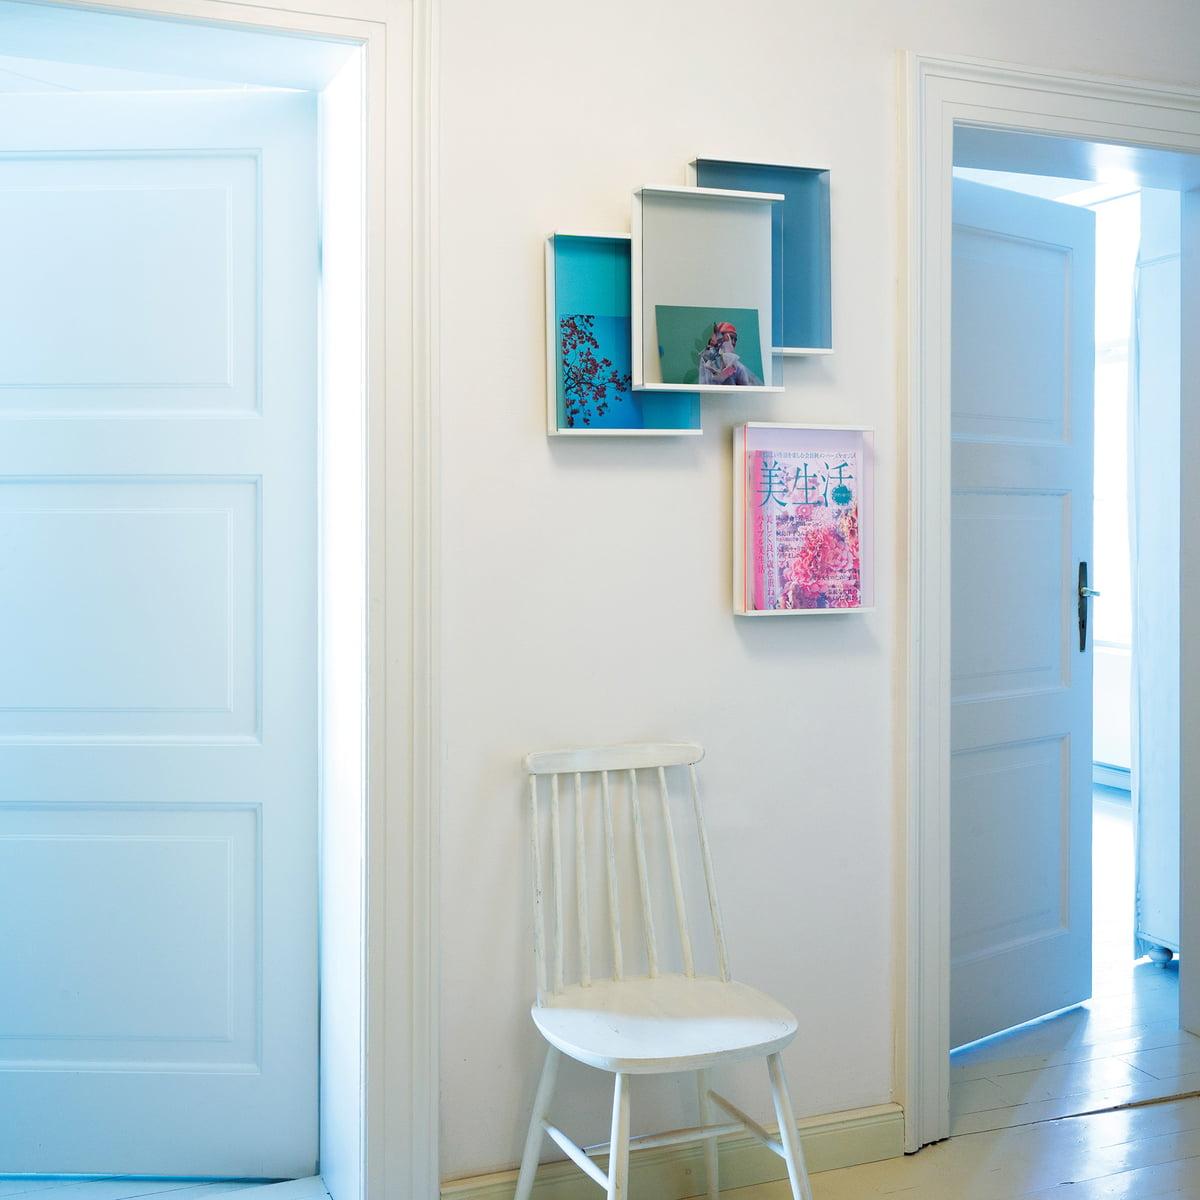 zeitschriftenregal covershow von sch nbuch. Black Bedroom Furniture Sets. Home Design Ideas